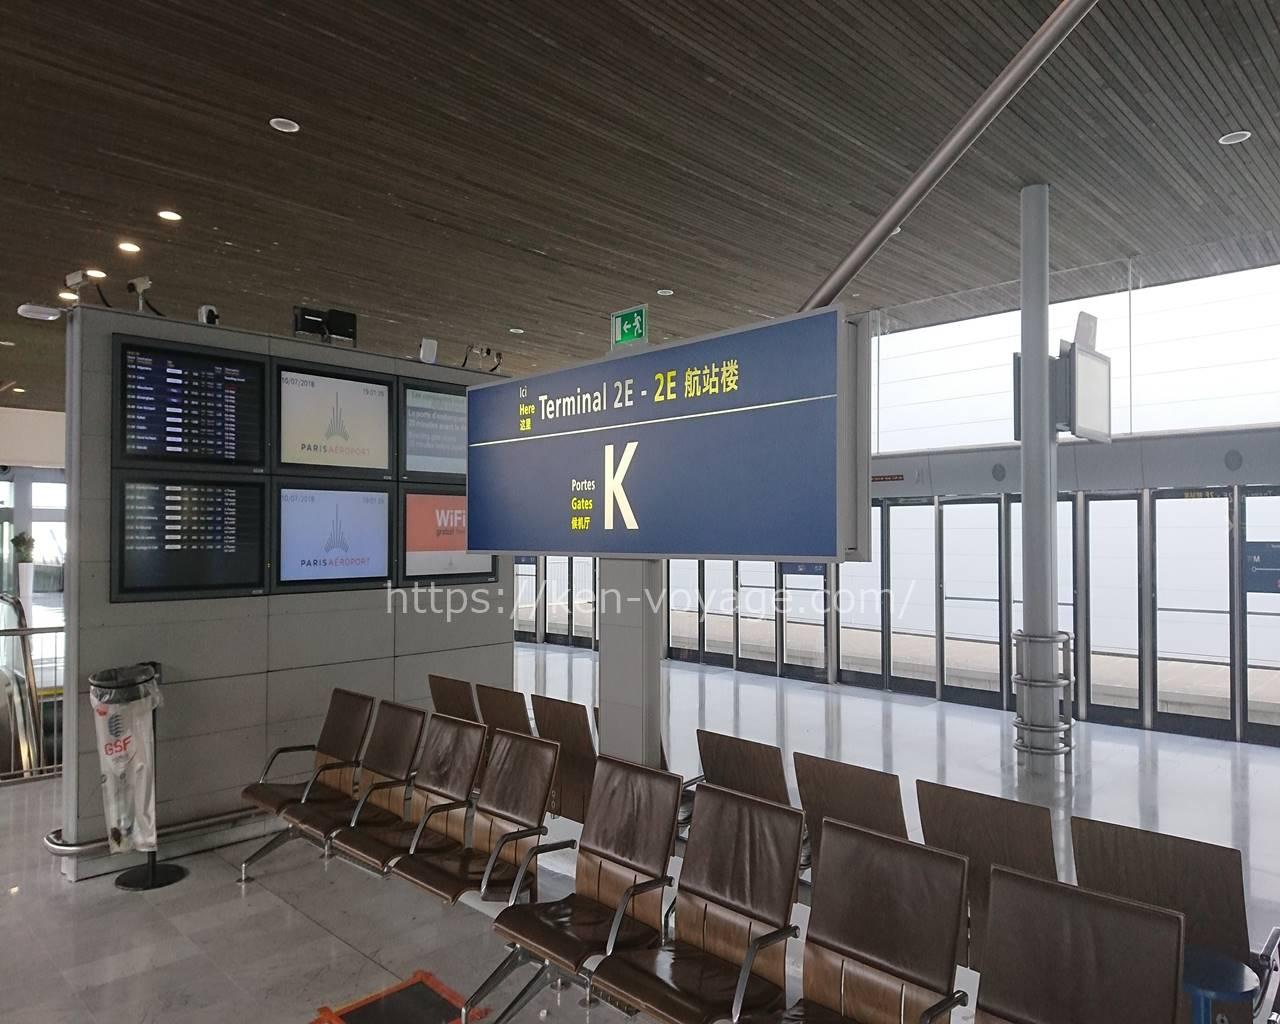 Terminal 2E Hall K